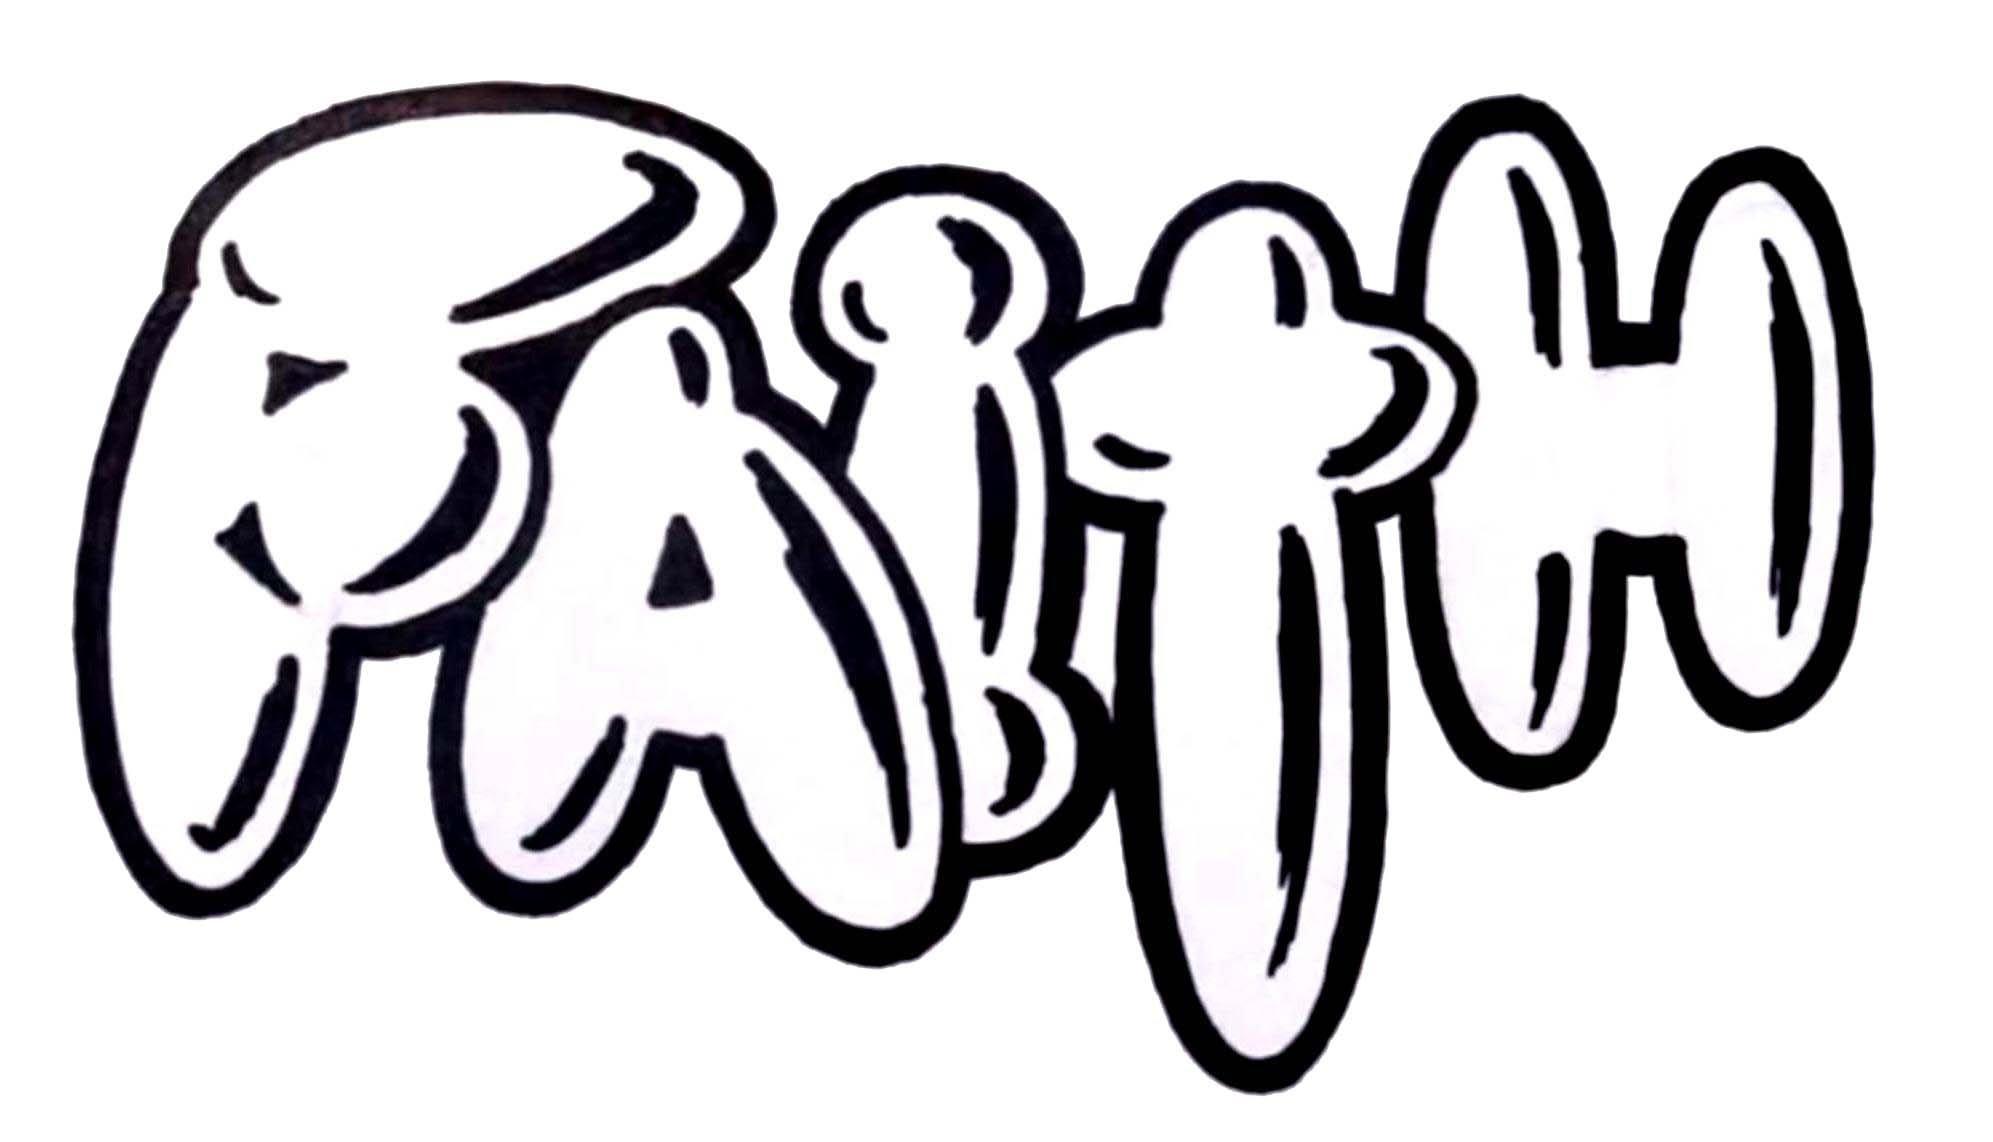 1993x1142 Graffiti Drawings Of Words Graffiti Drawings Of Words